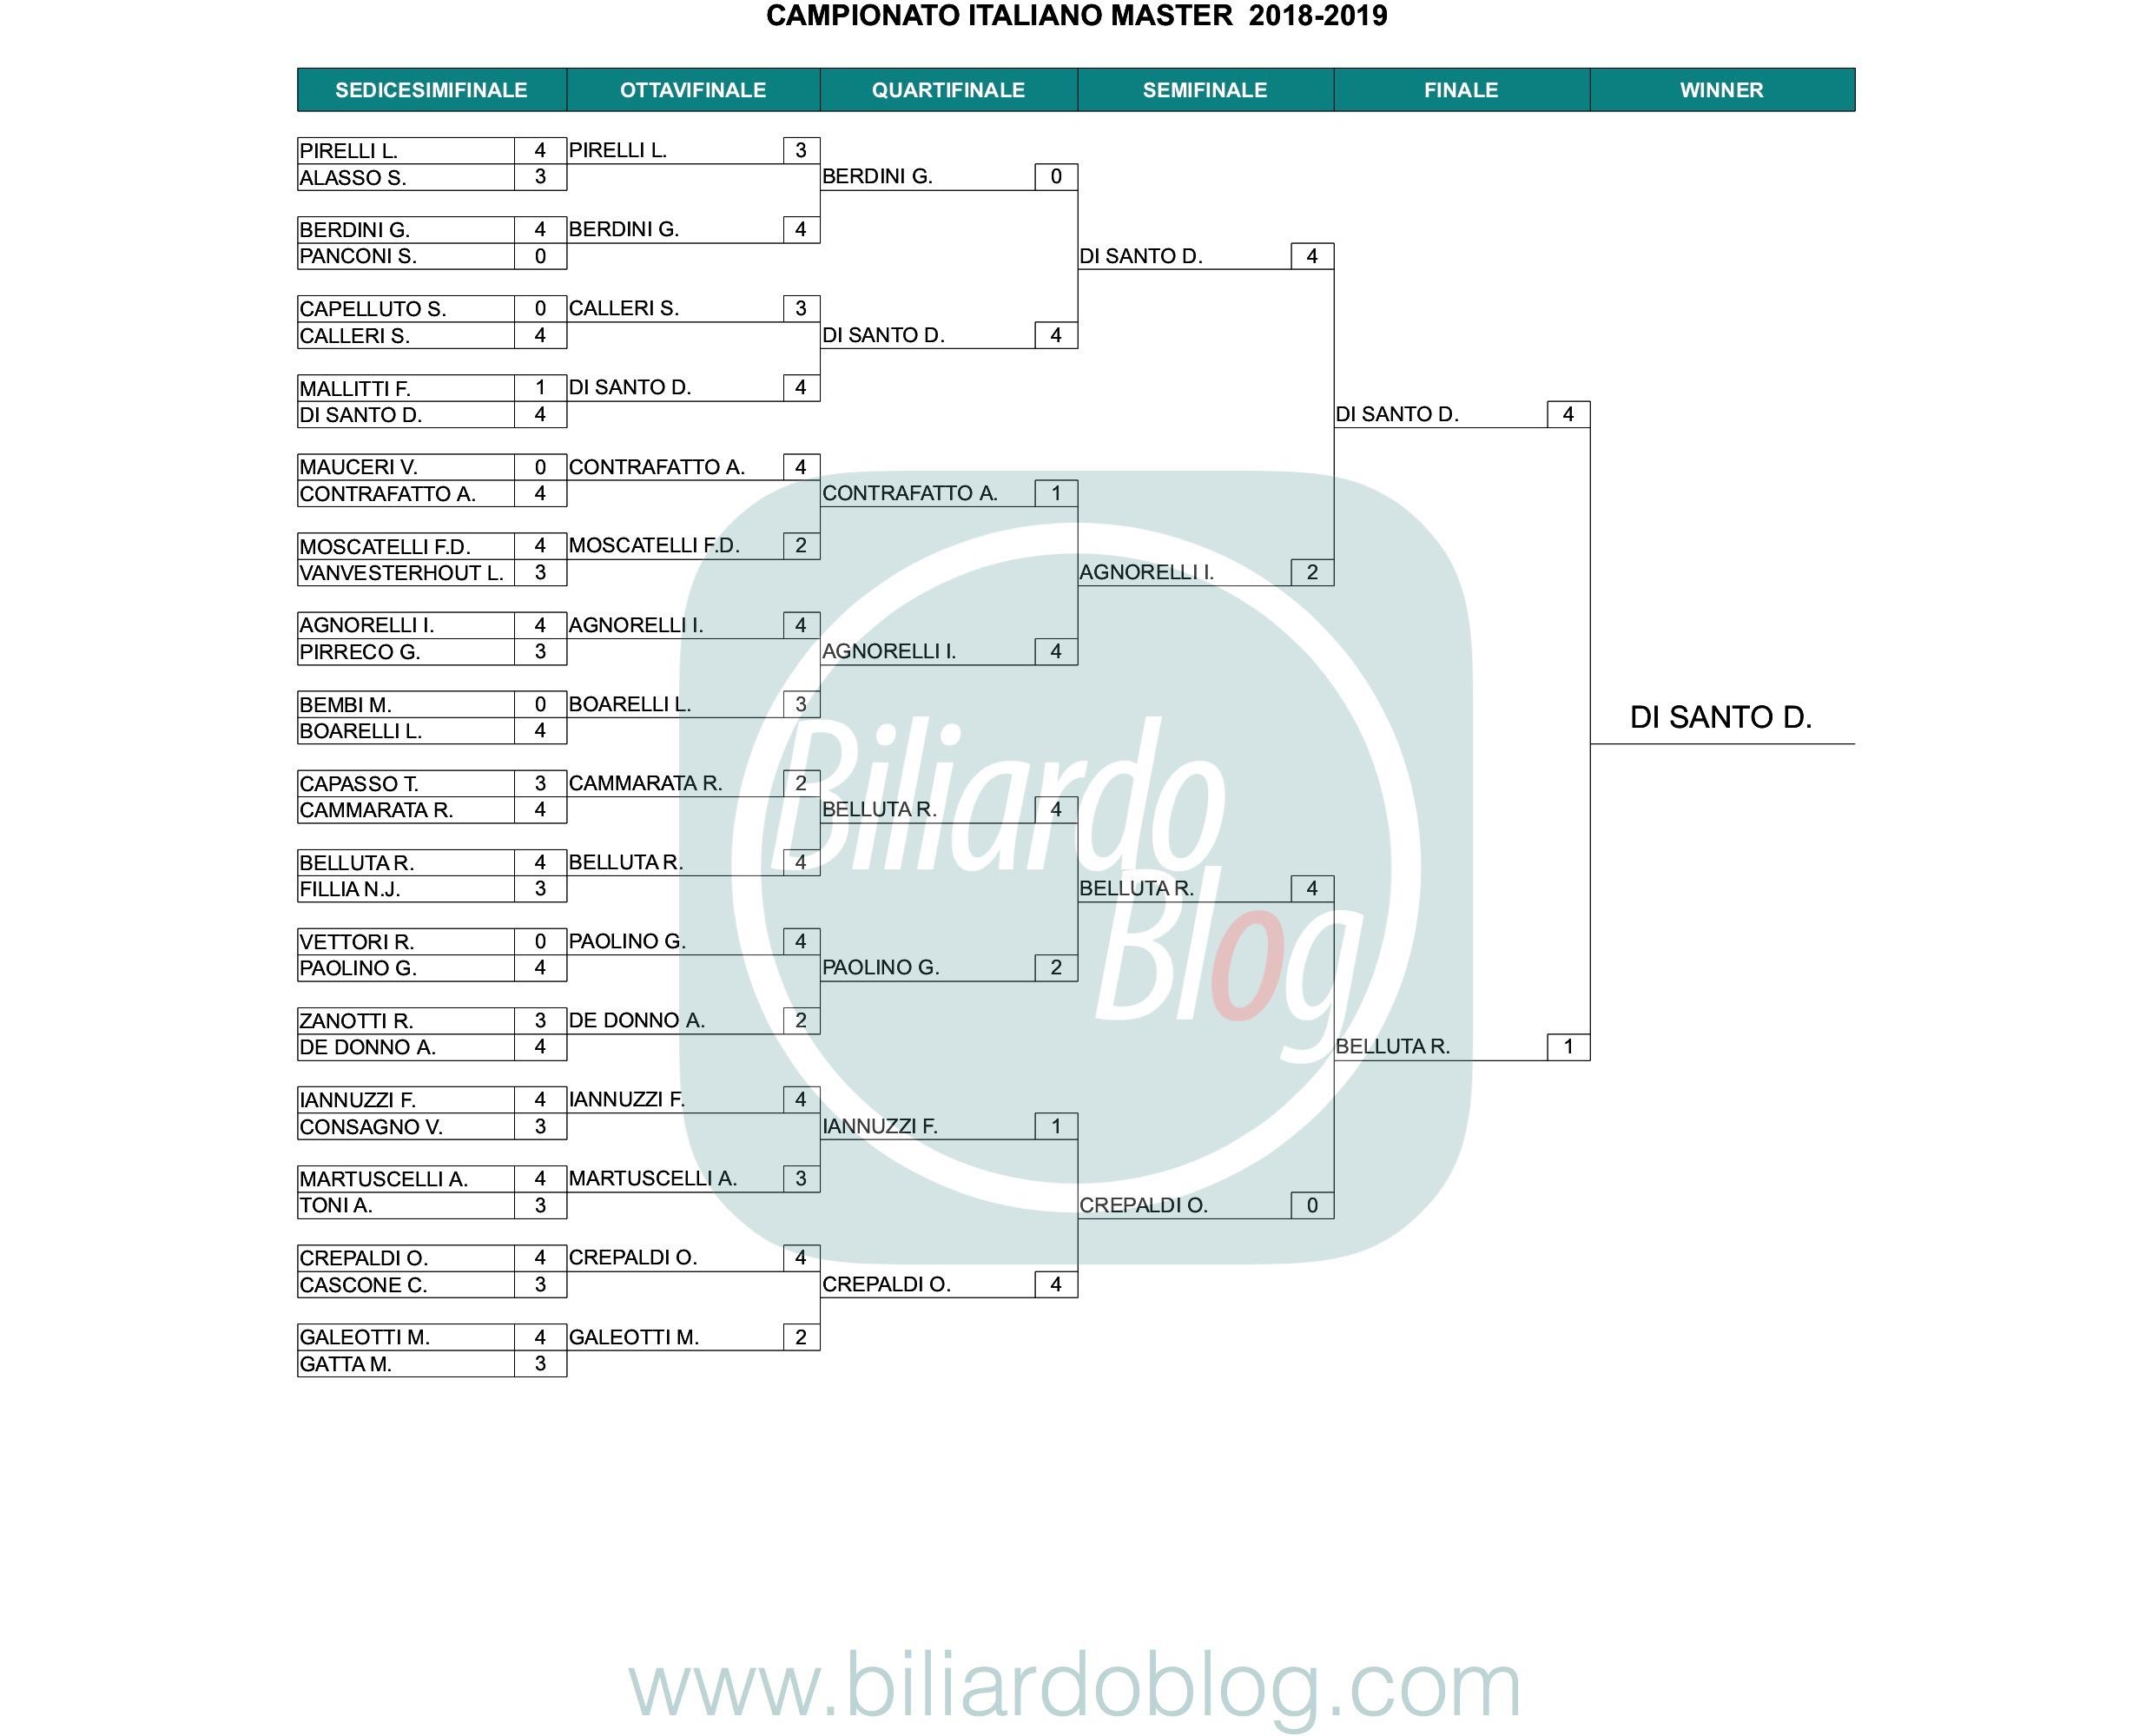 Categoria Master: il Campione Italiano Biliardo 2019